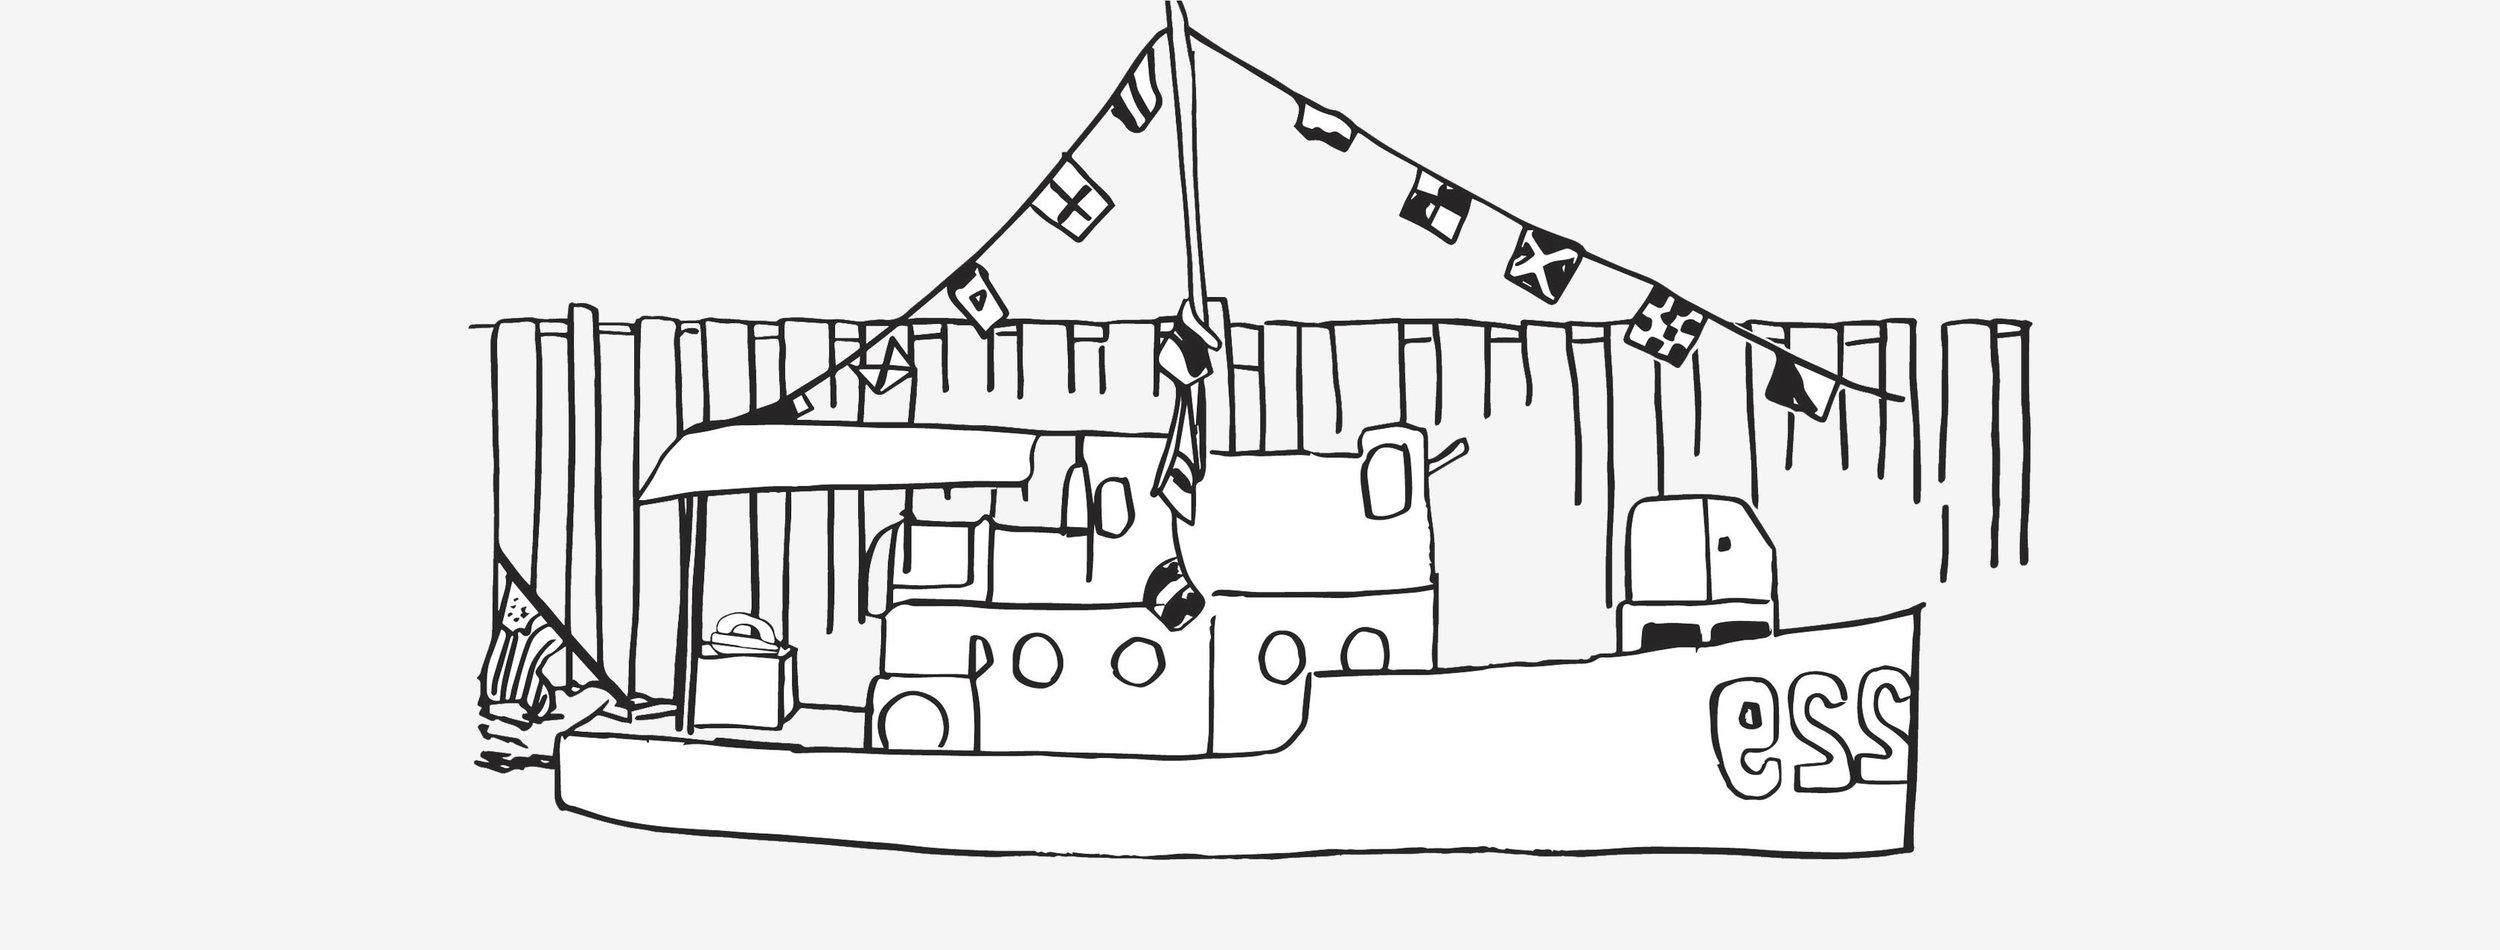 header boat.jpg